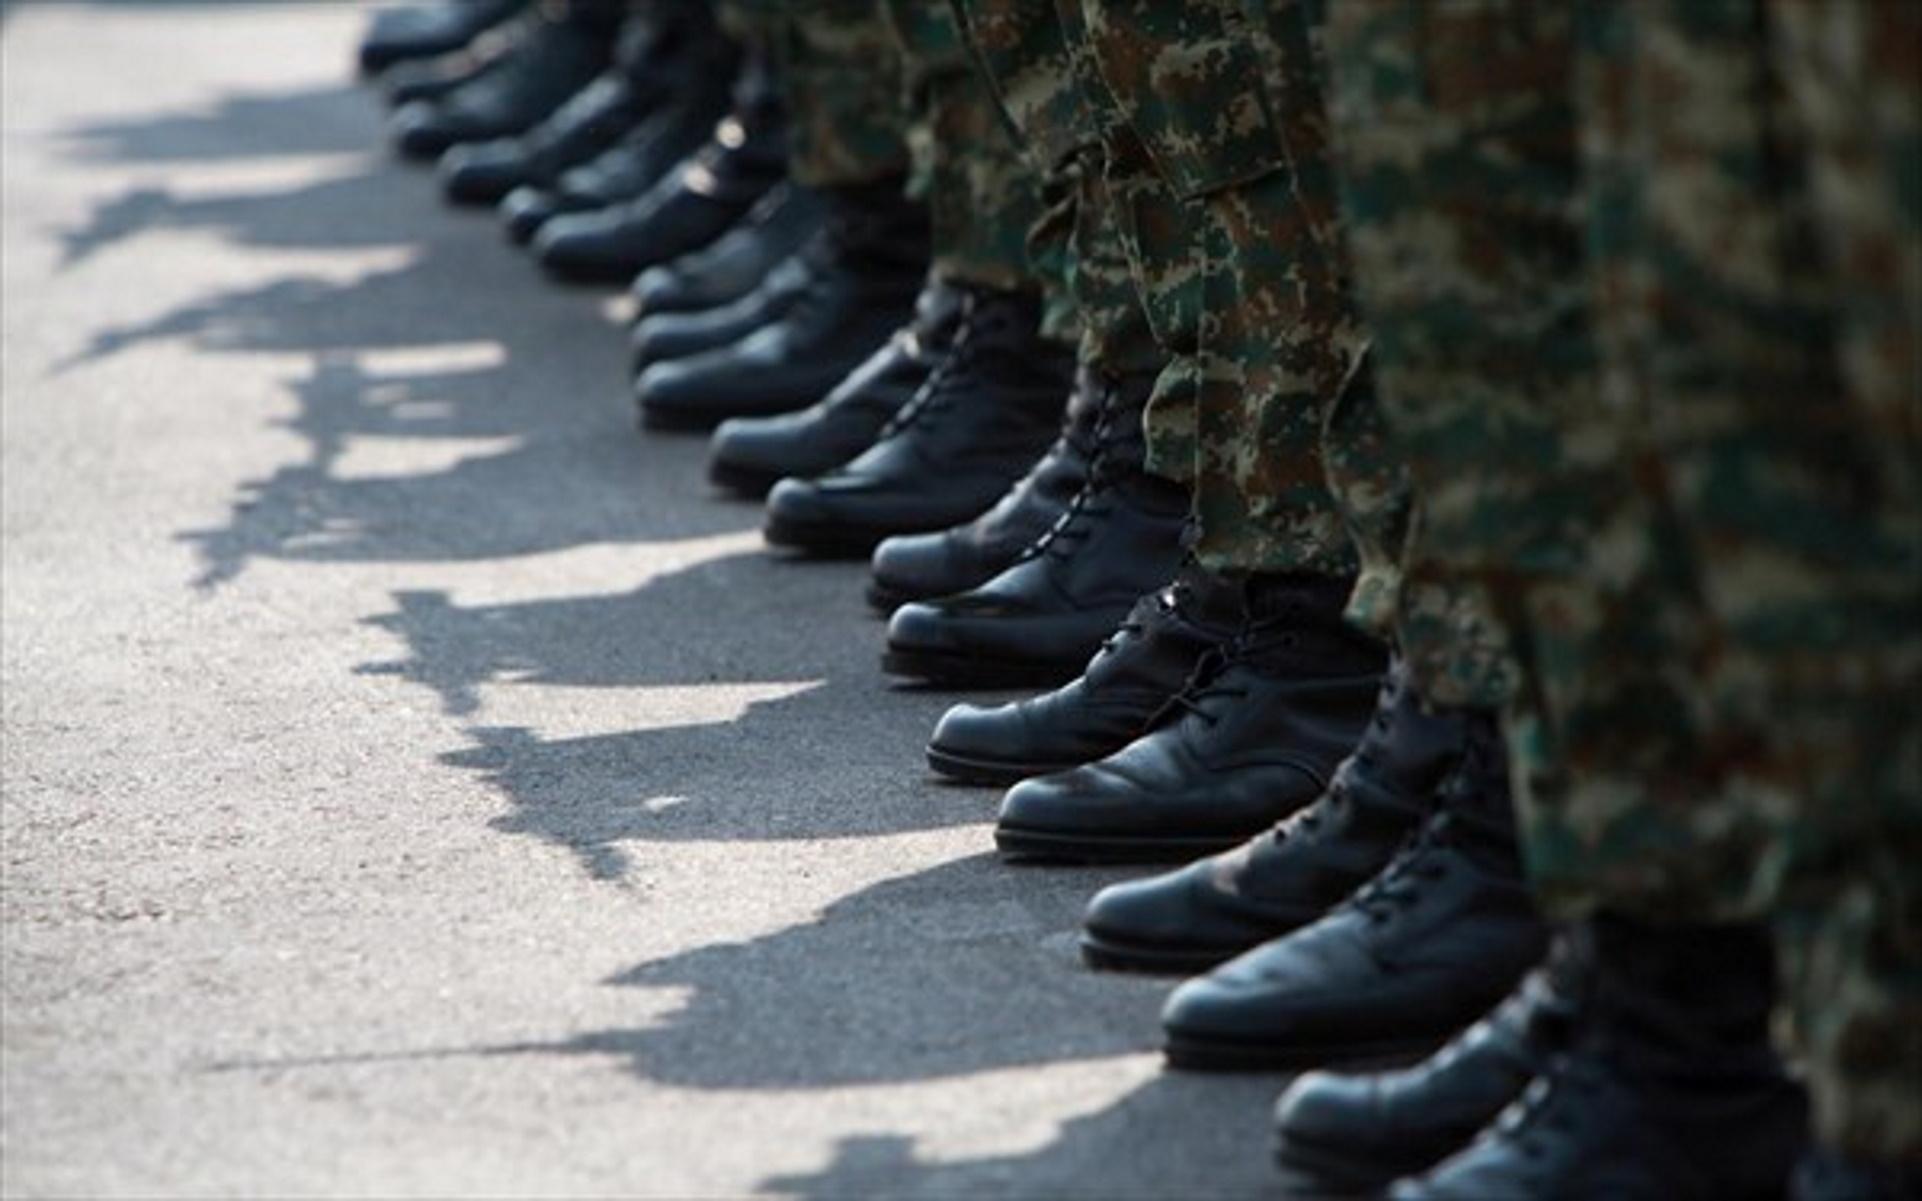 Ένοπλες Δυνάμεις: Ιατροί οπλίτες θητείας τοποθετούνται σε περιφερειακά ιατρεία